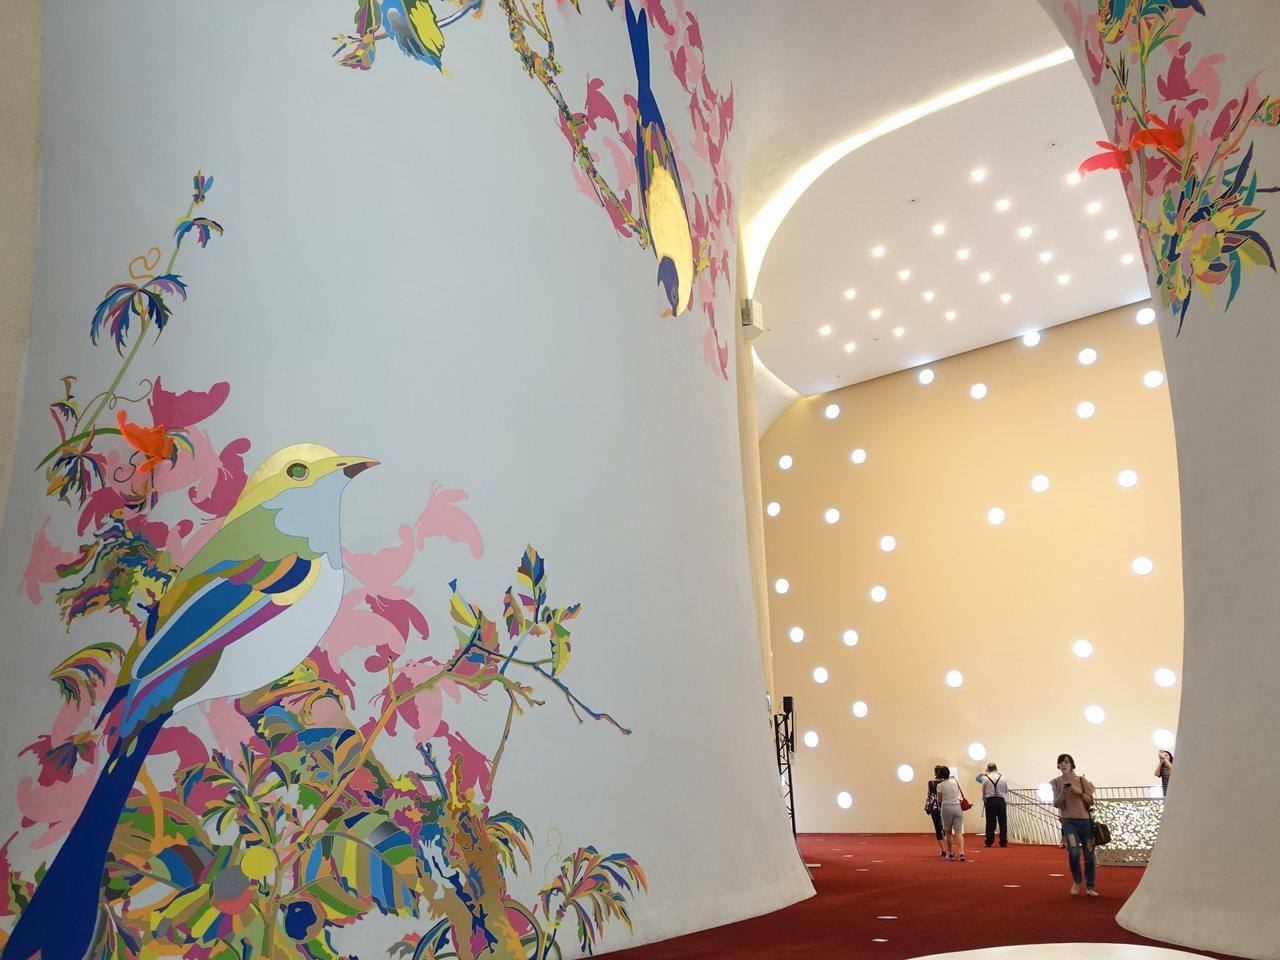 國家歌劇院二樓以「翩翩」主題,用圖體翻轉方式,透過蝴蝶翅膀呈現工作人員的側臉,作為紀念與感謝。